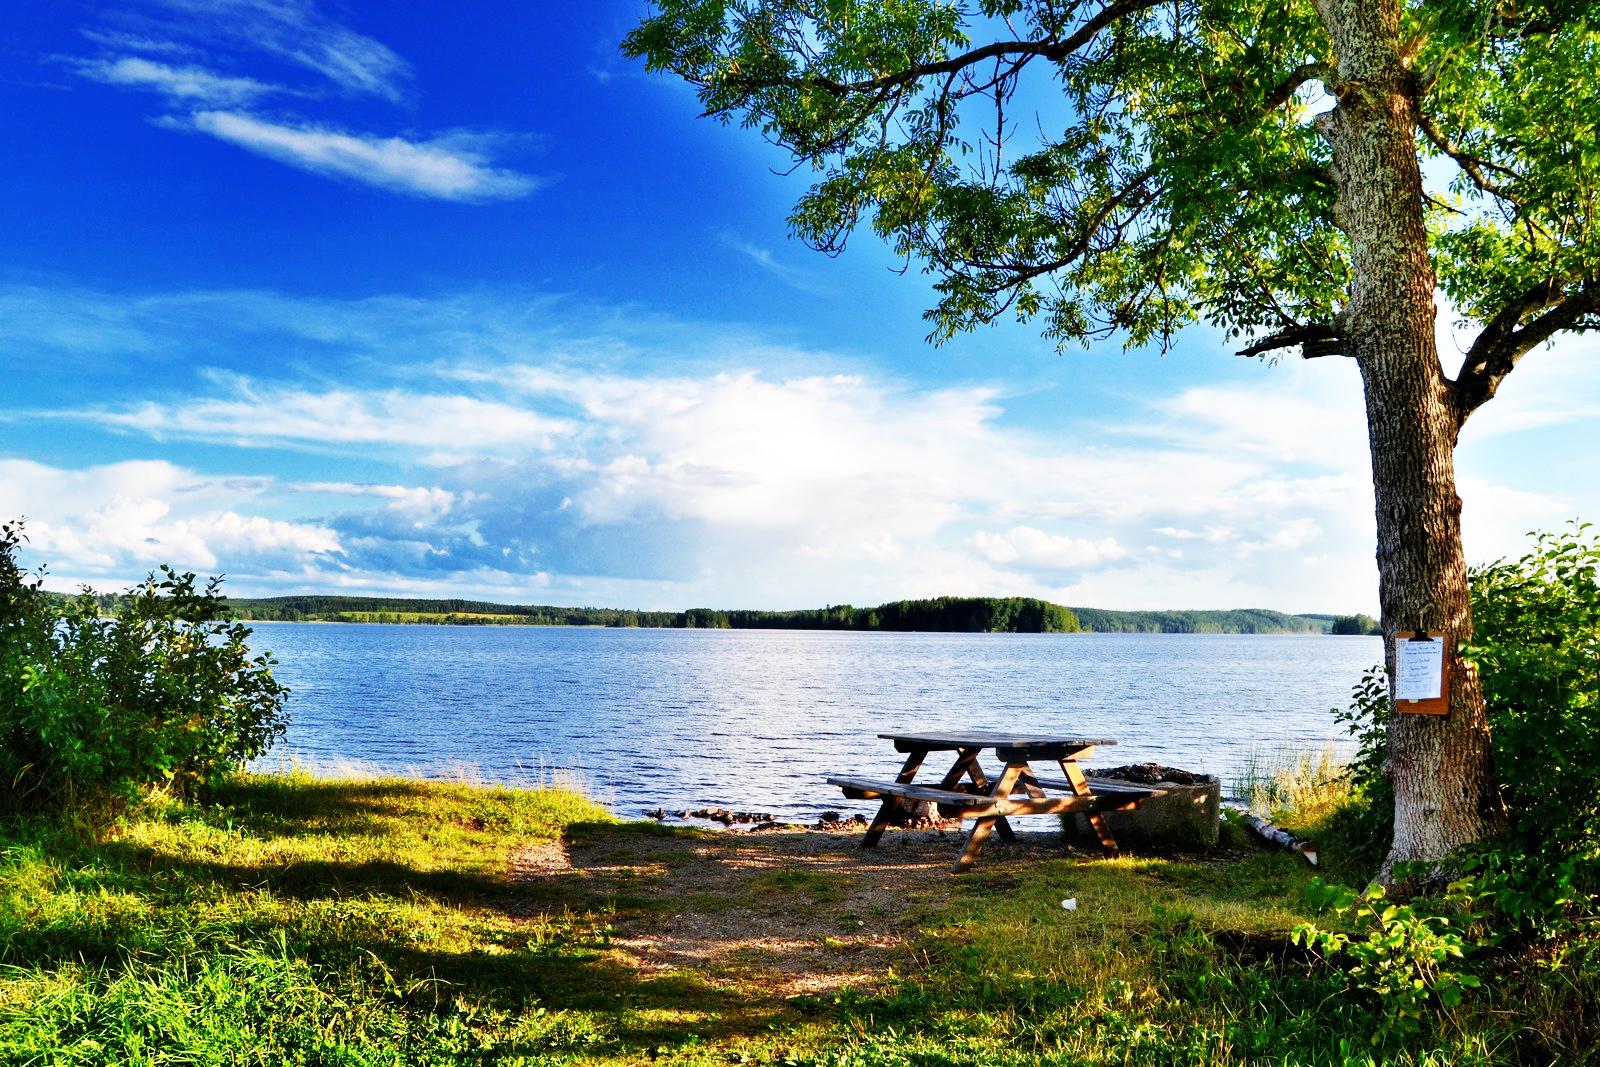 du lịch nghỉ dưỡng Skinnskatteberg, Thụy Điển